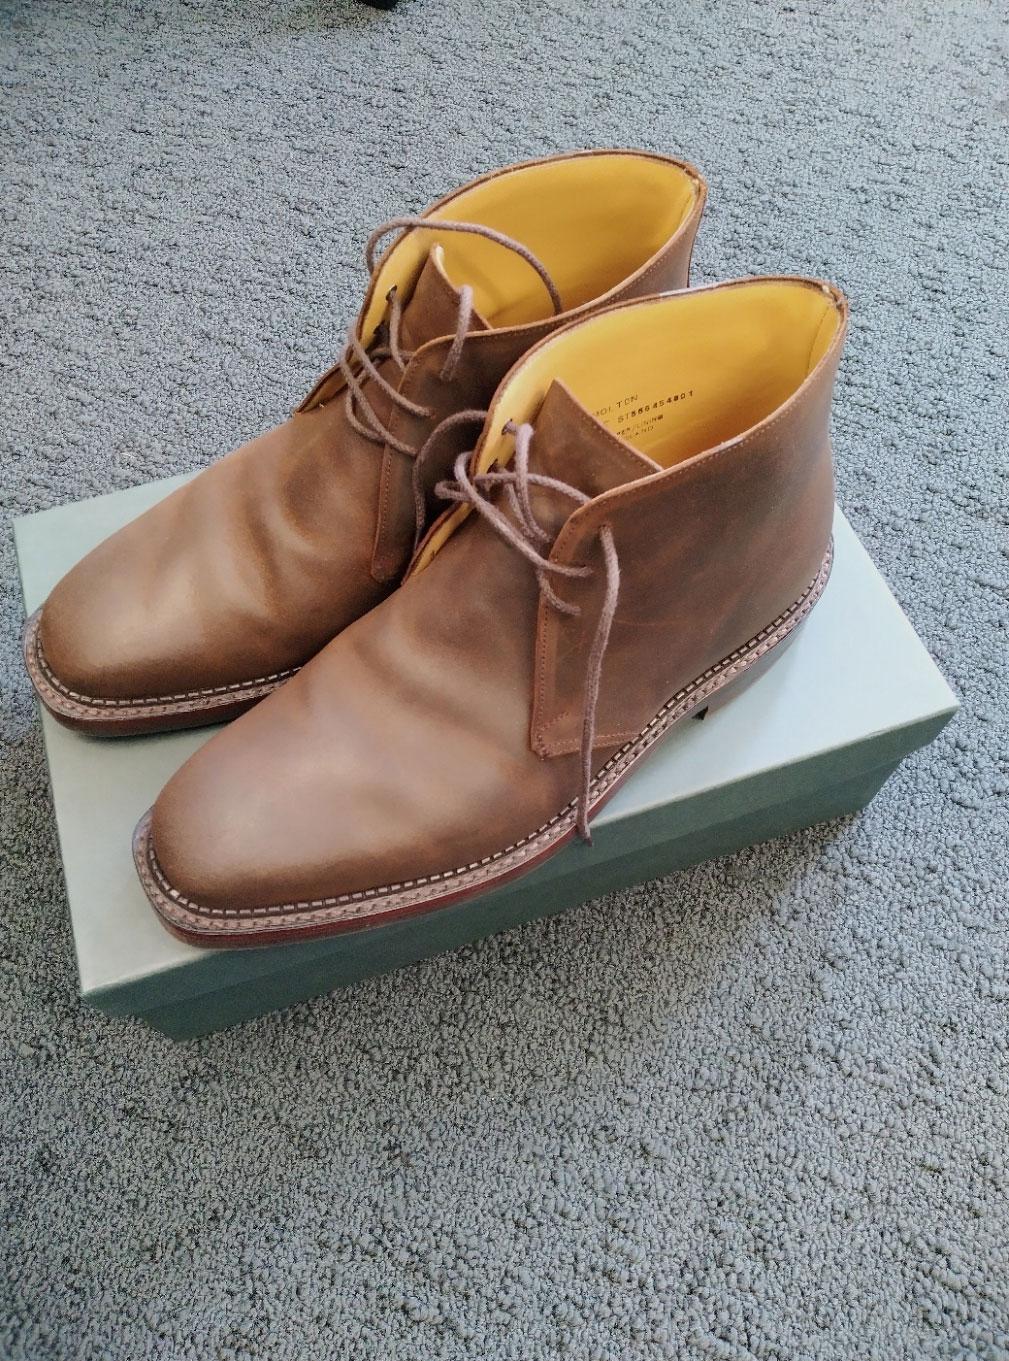 Crockett & Jones Molton brown rough suede boots